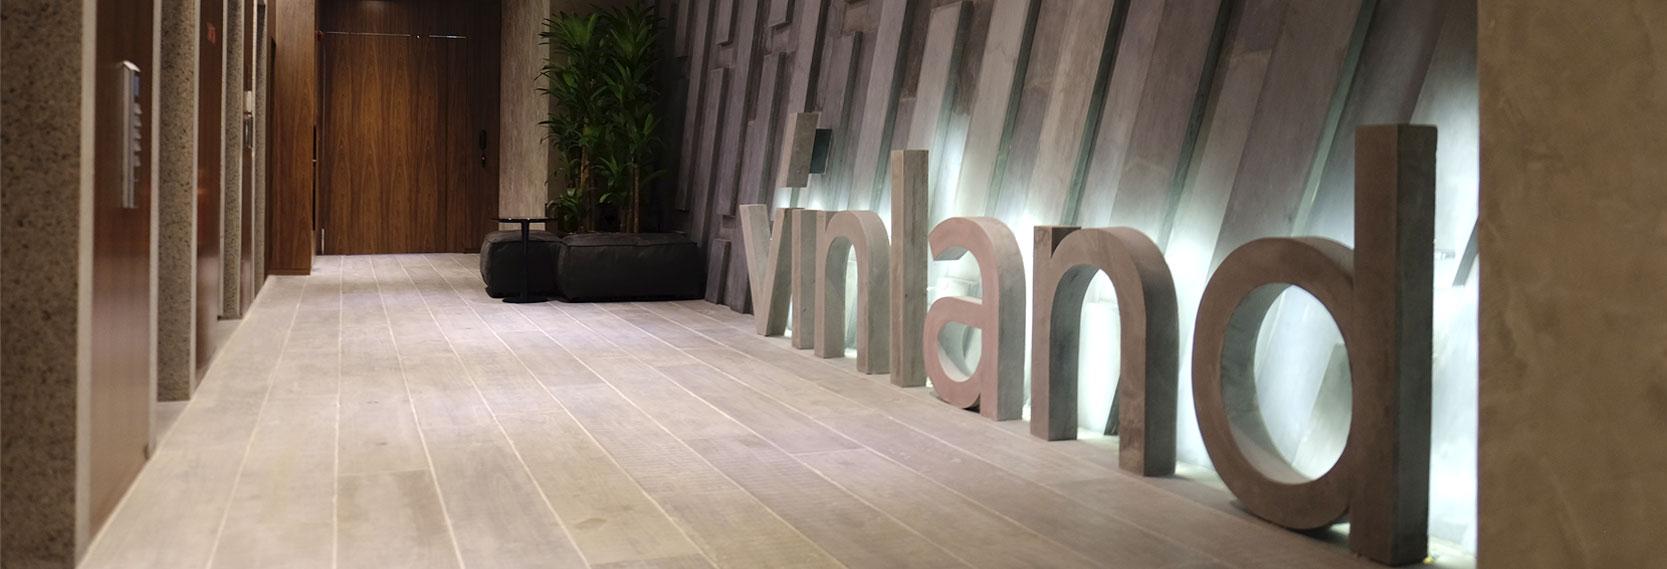 projetos-corporativos-vinland-05